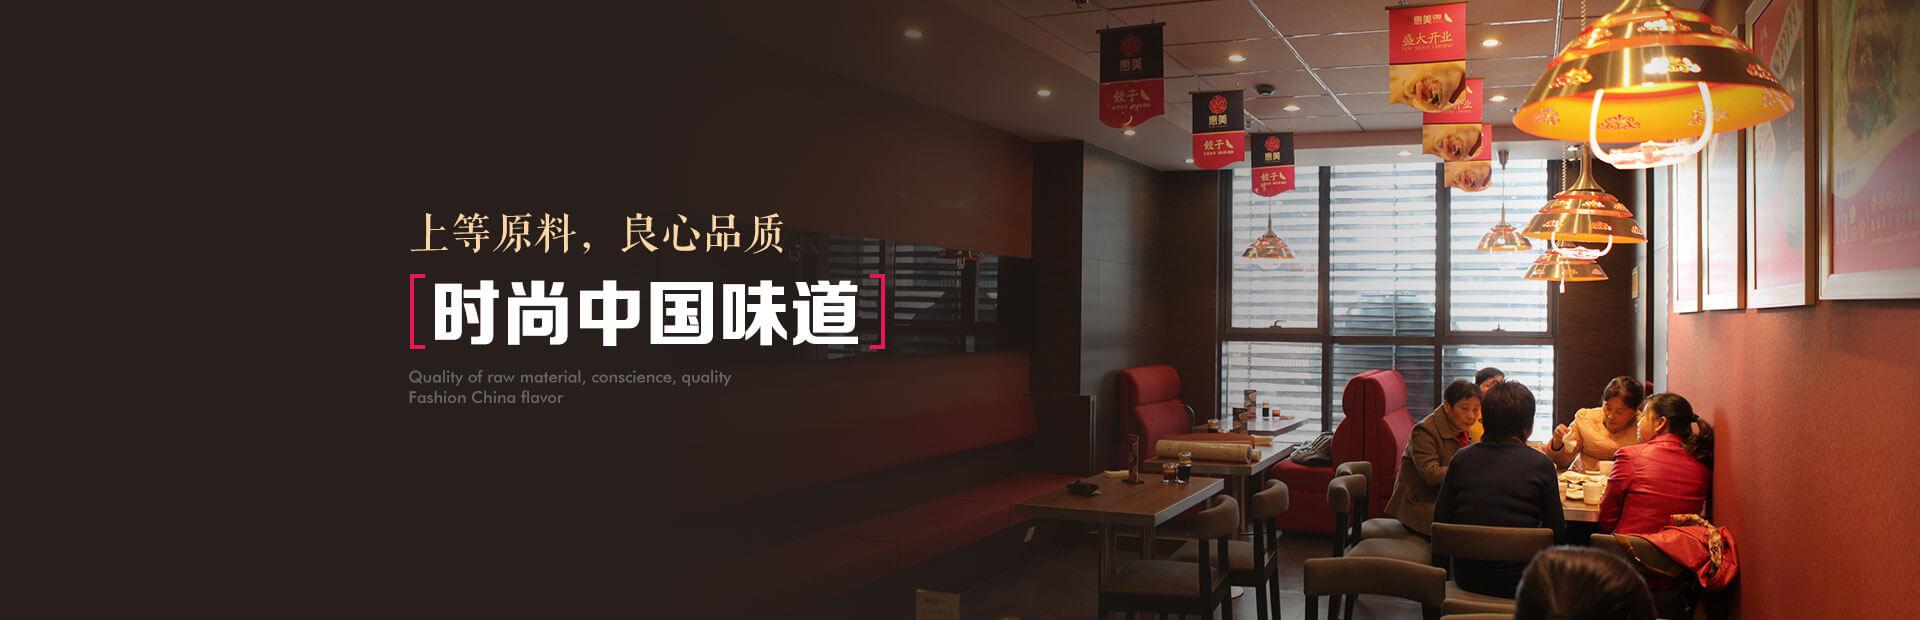 饺子加盟连锁店